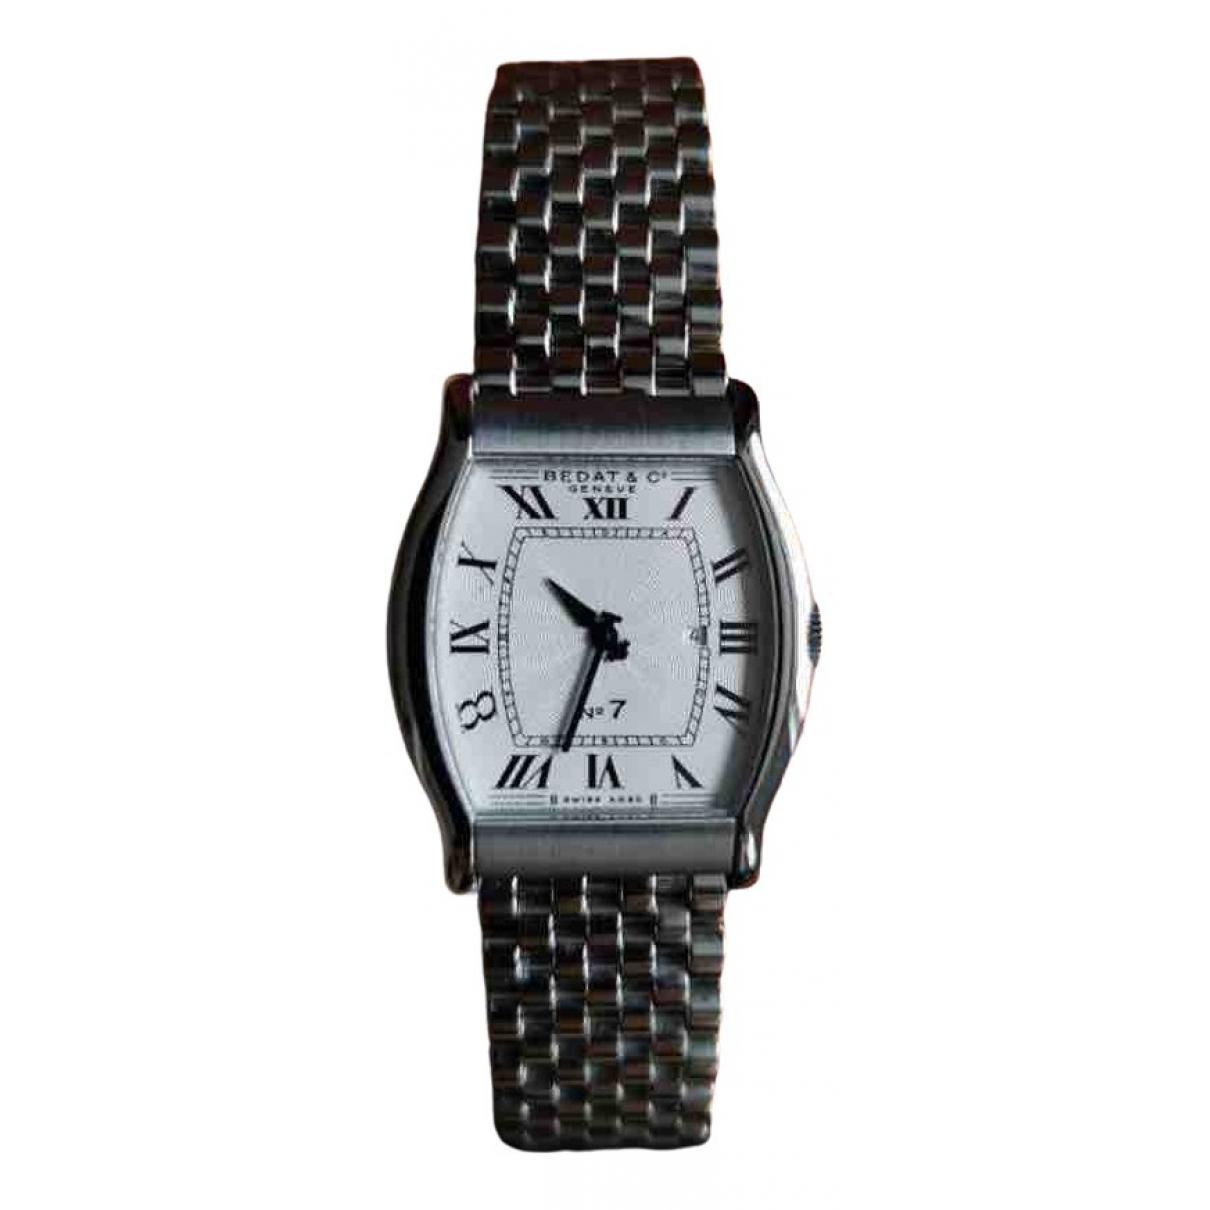 Bedat&co \N Silver Steel watch for Women \N